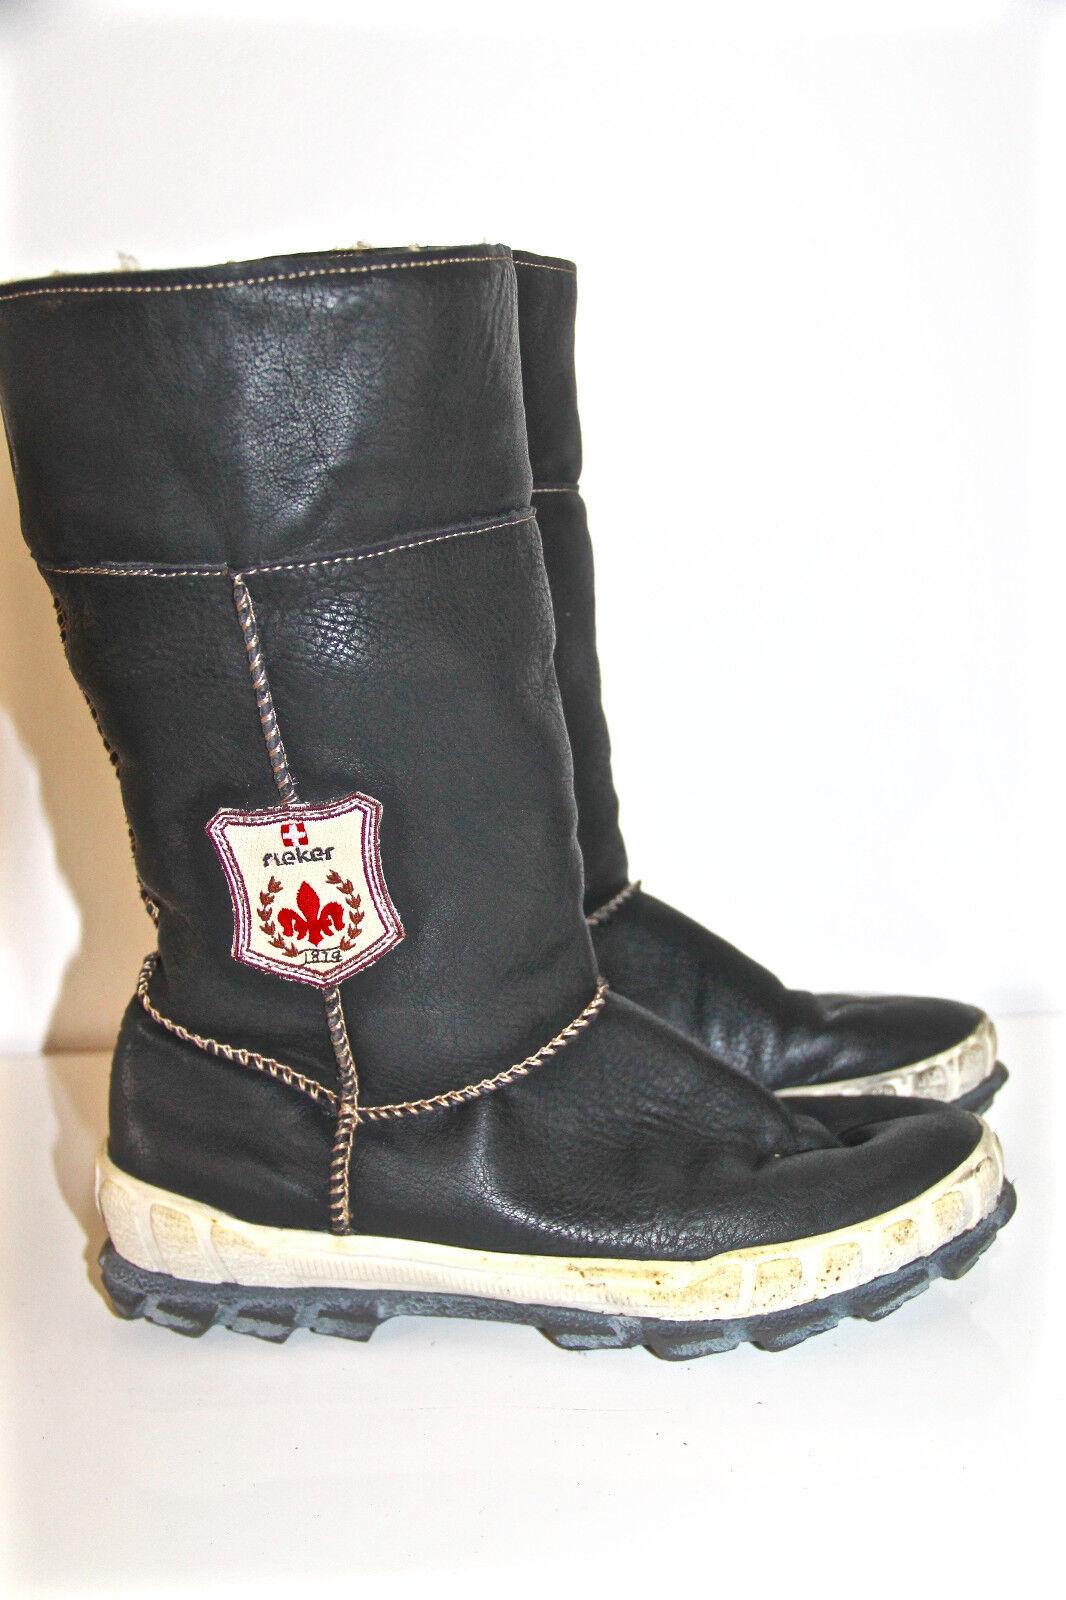 Jolies bottes fourrées en cuir black RIEKER pointure 37 EXCELLENT ÉTAT